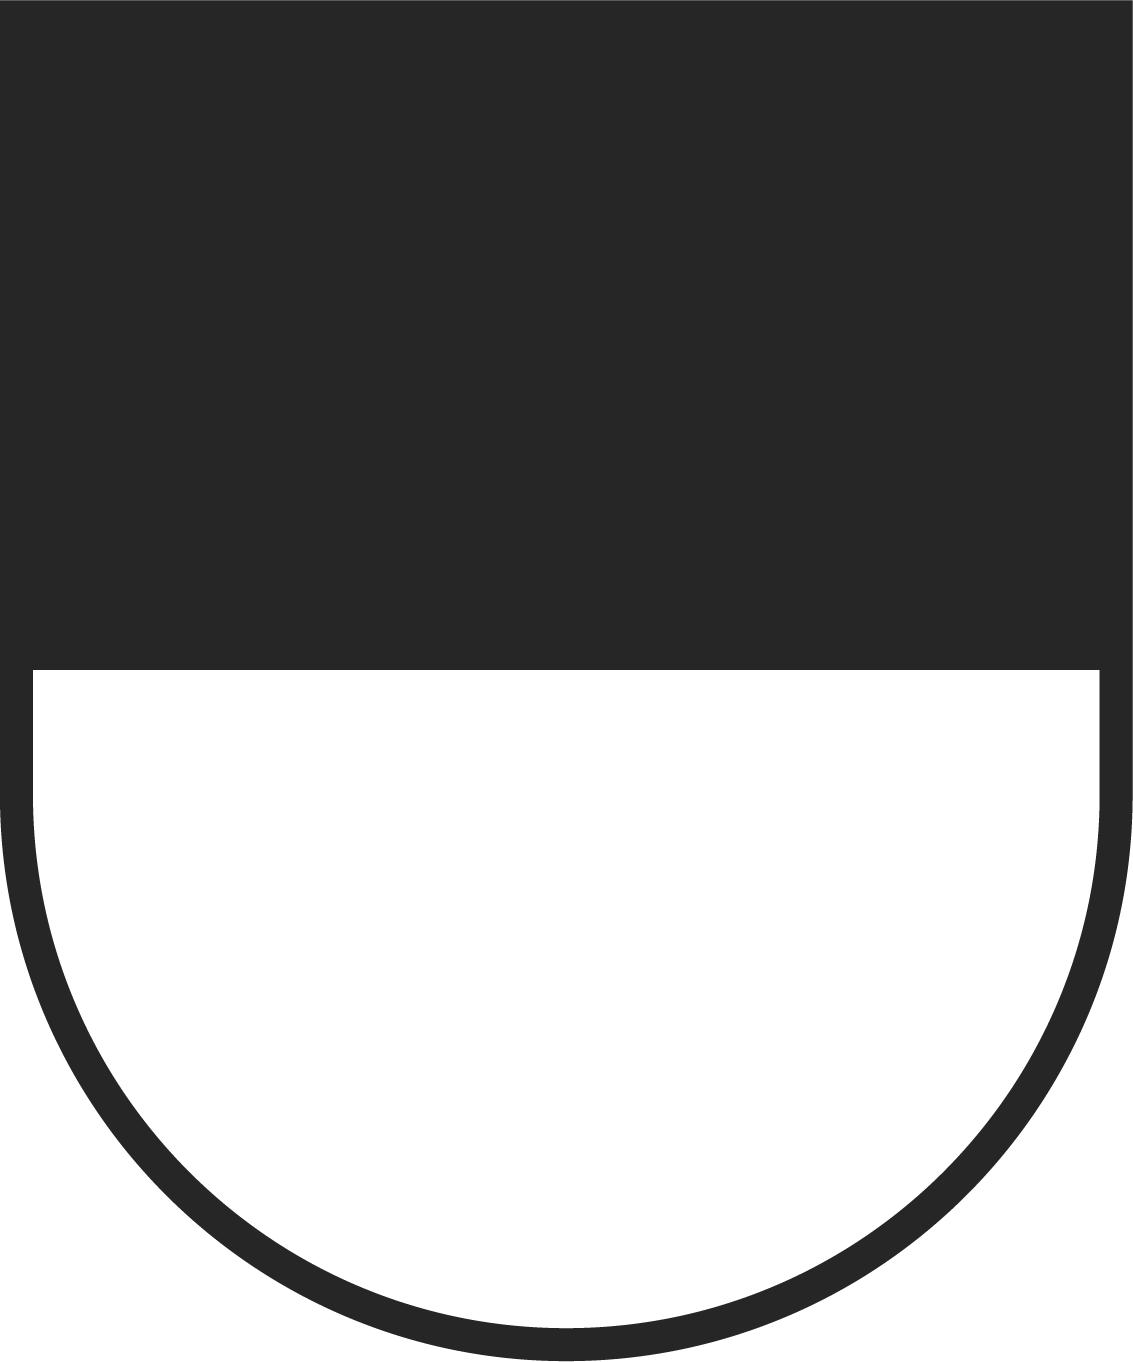 Wappen des Kantons Freiburg